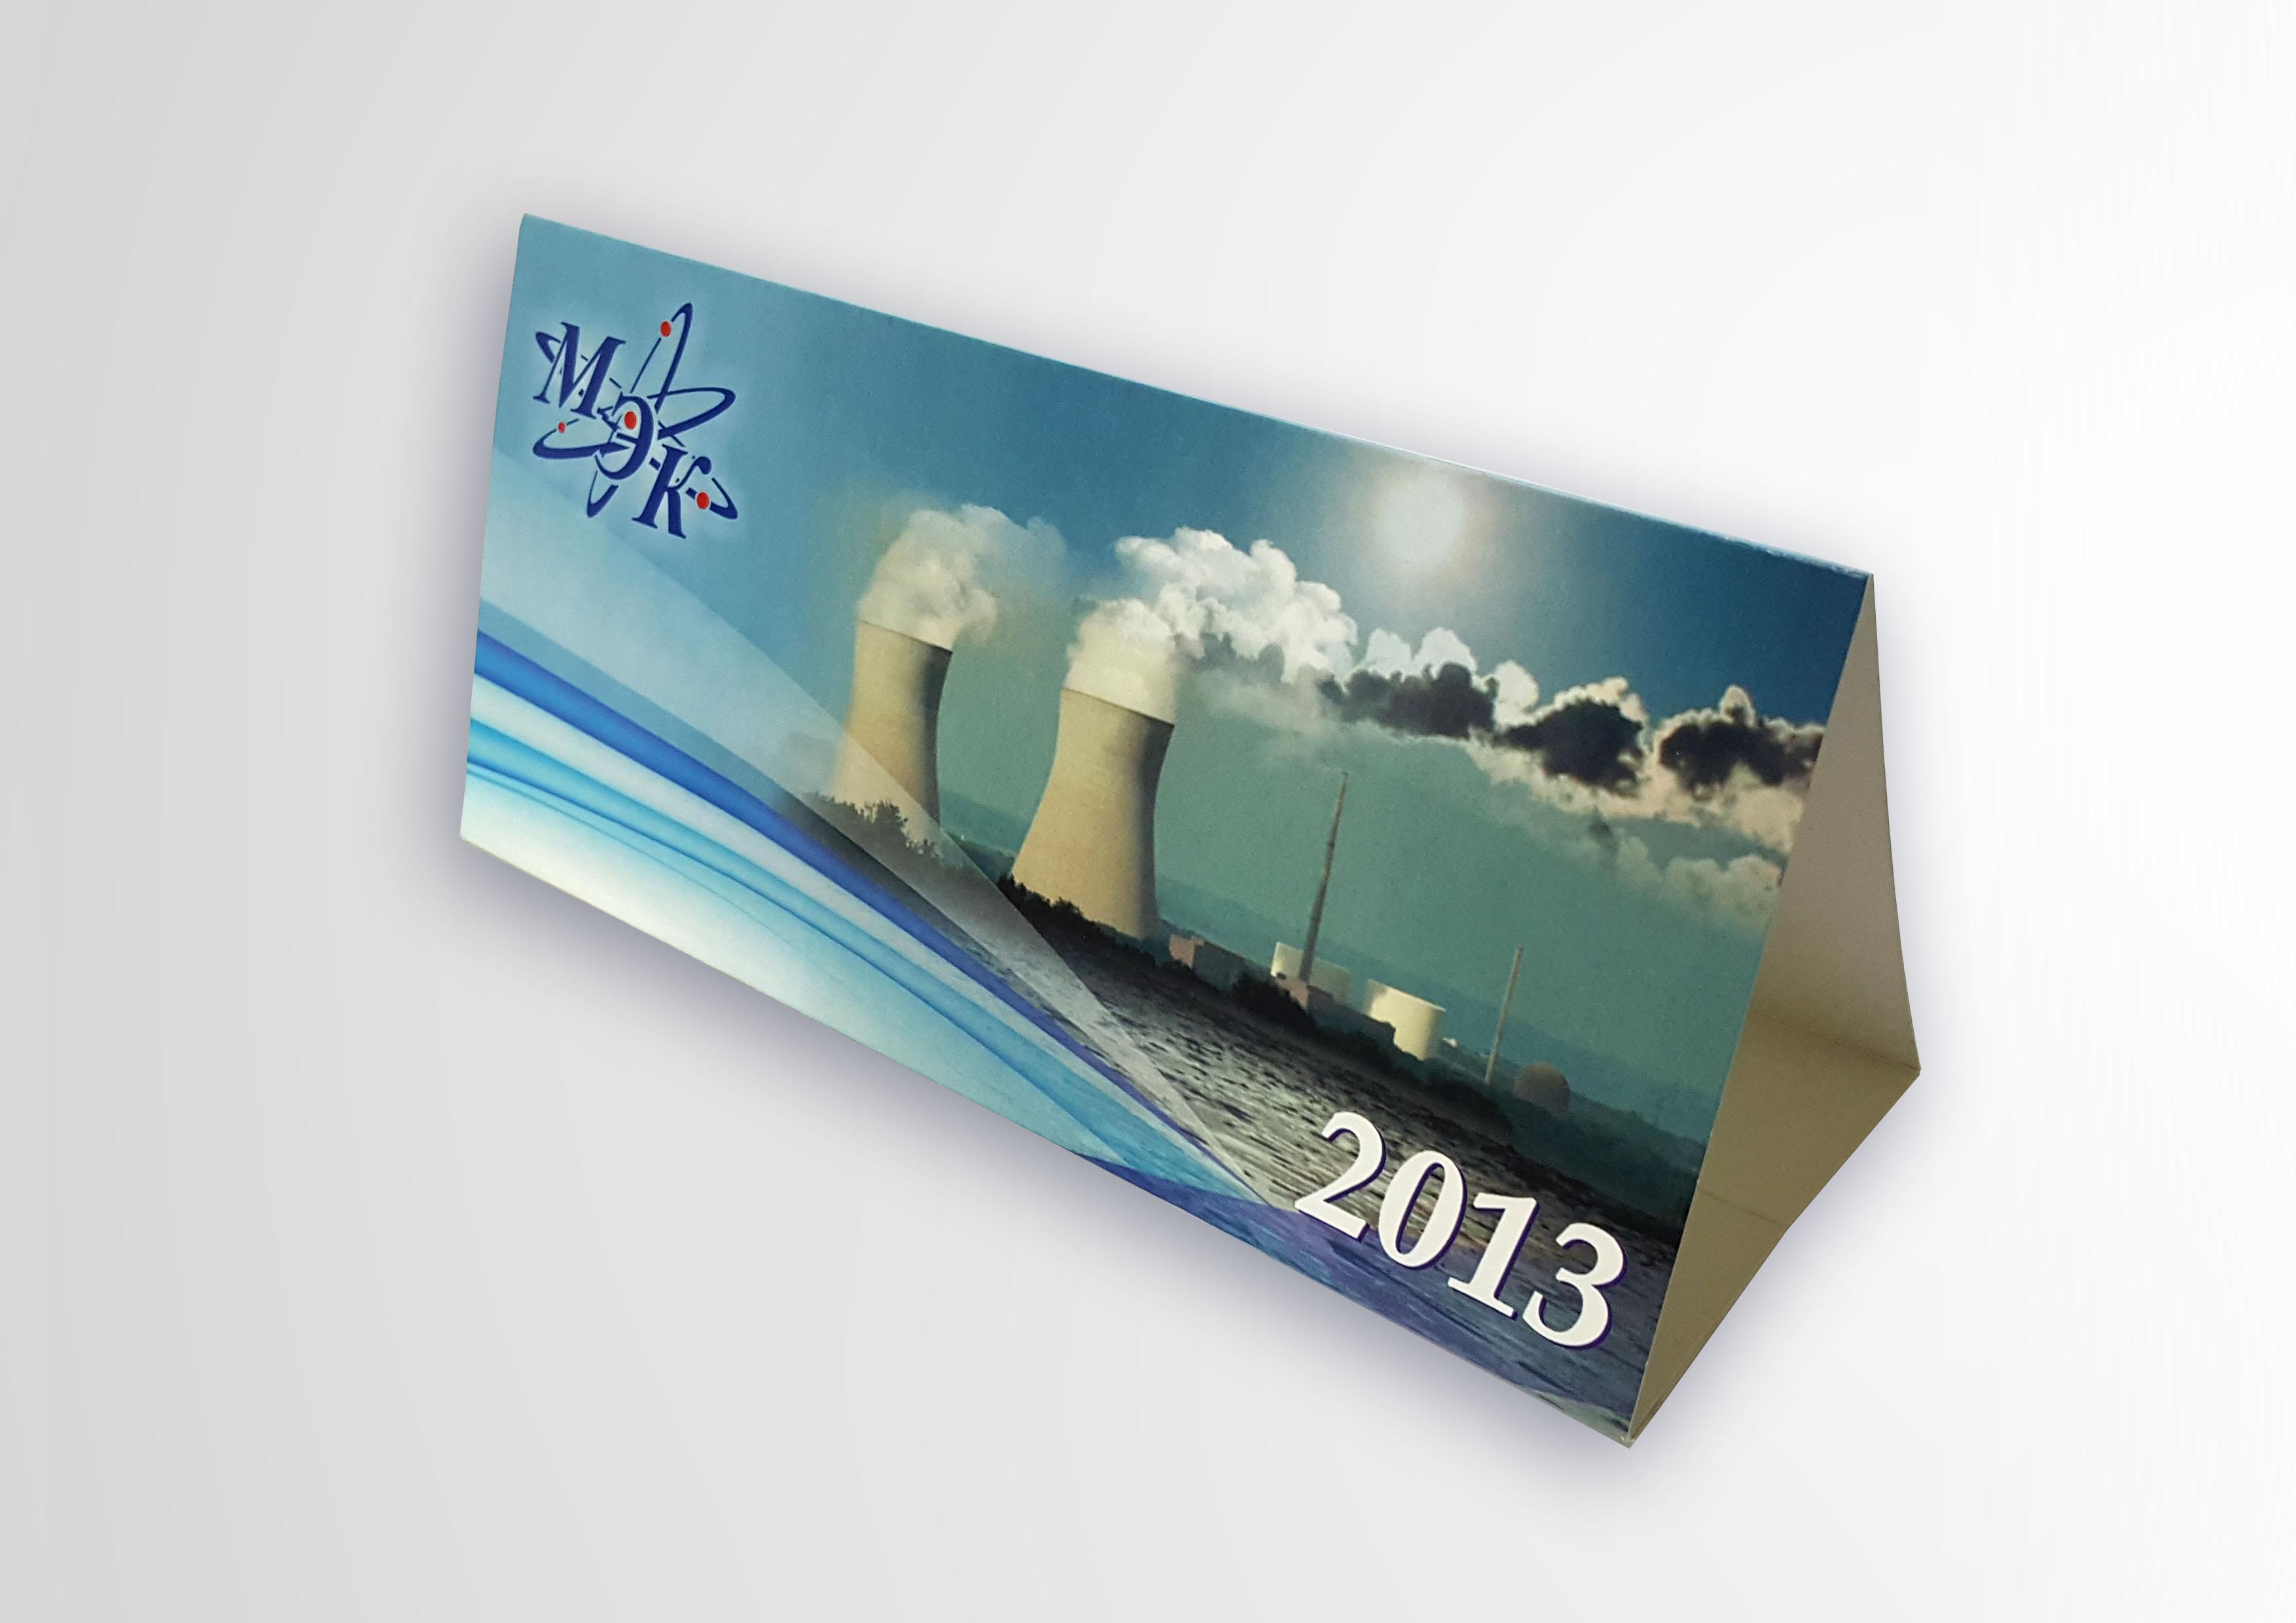 Изготовление и печать настольных календарей домик